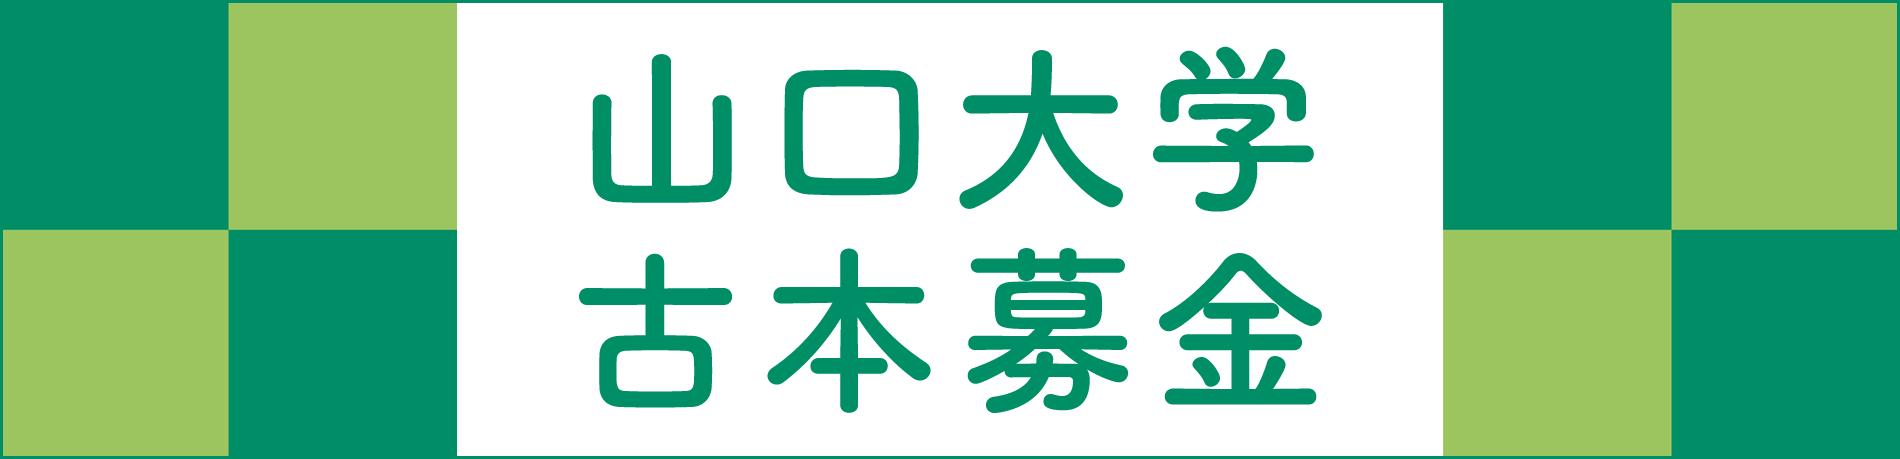 山口大学古本基金